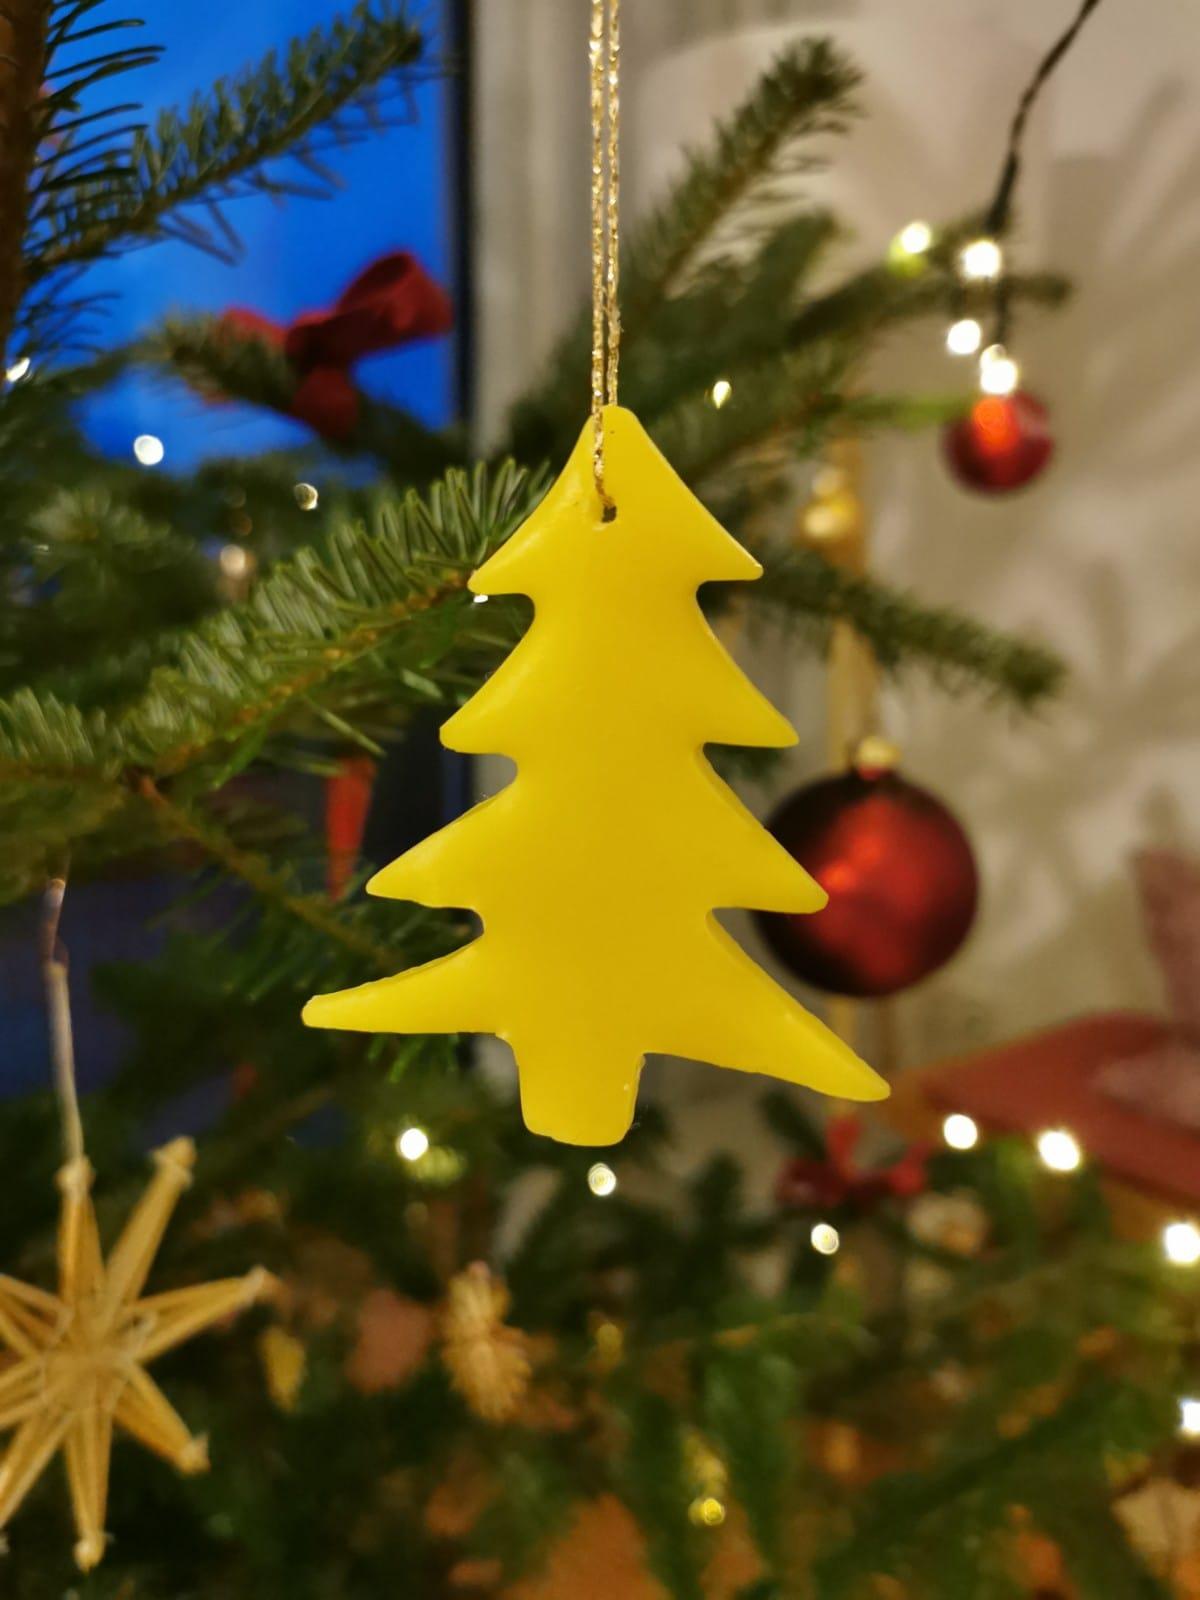 Bio Imkerei Bramreither - Bienenprodukte - Honig - Mühlviertel - Weihnachten - Christbaumschmuck - Weihnachtsbaum